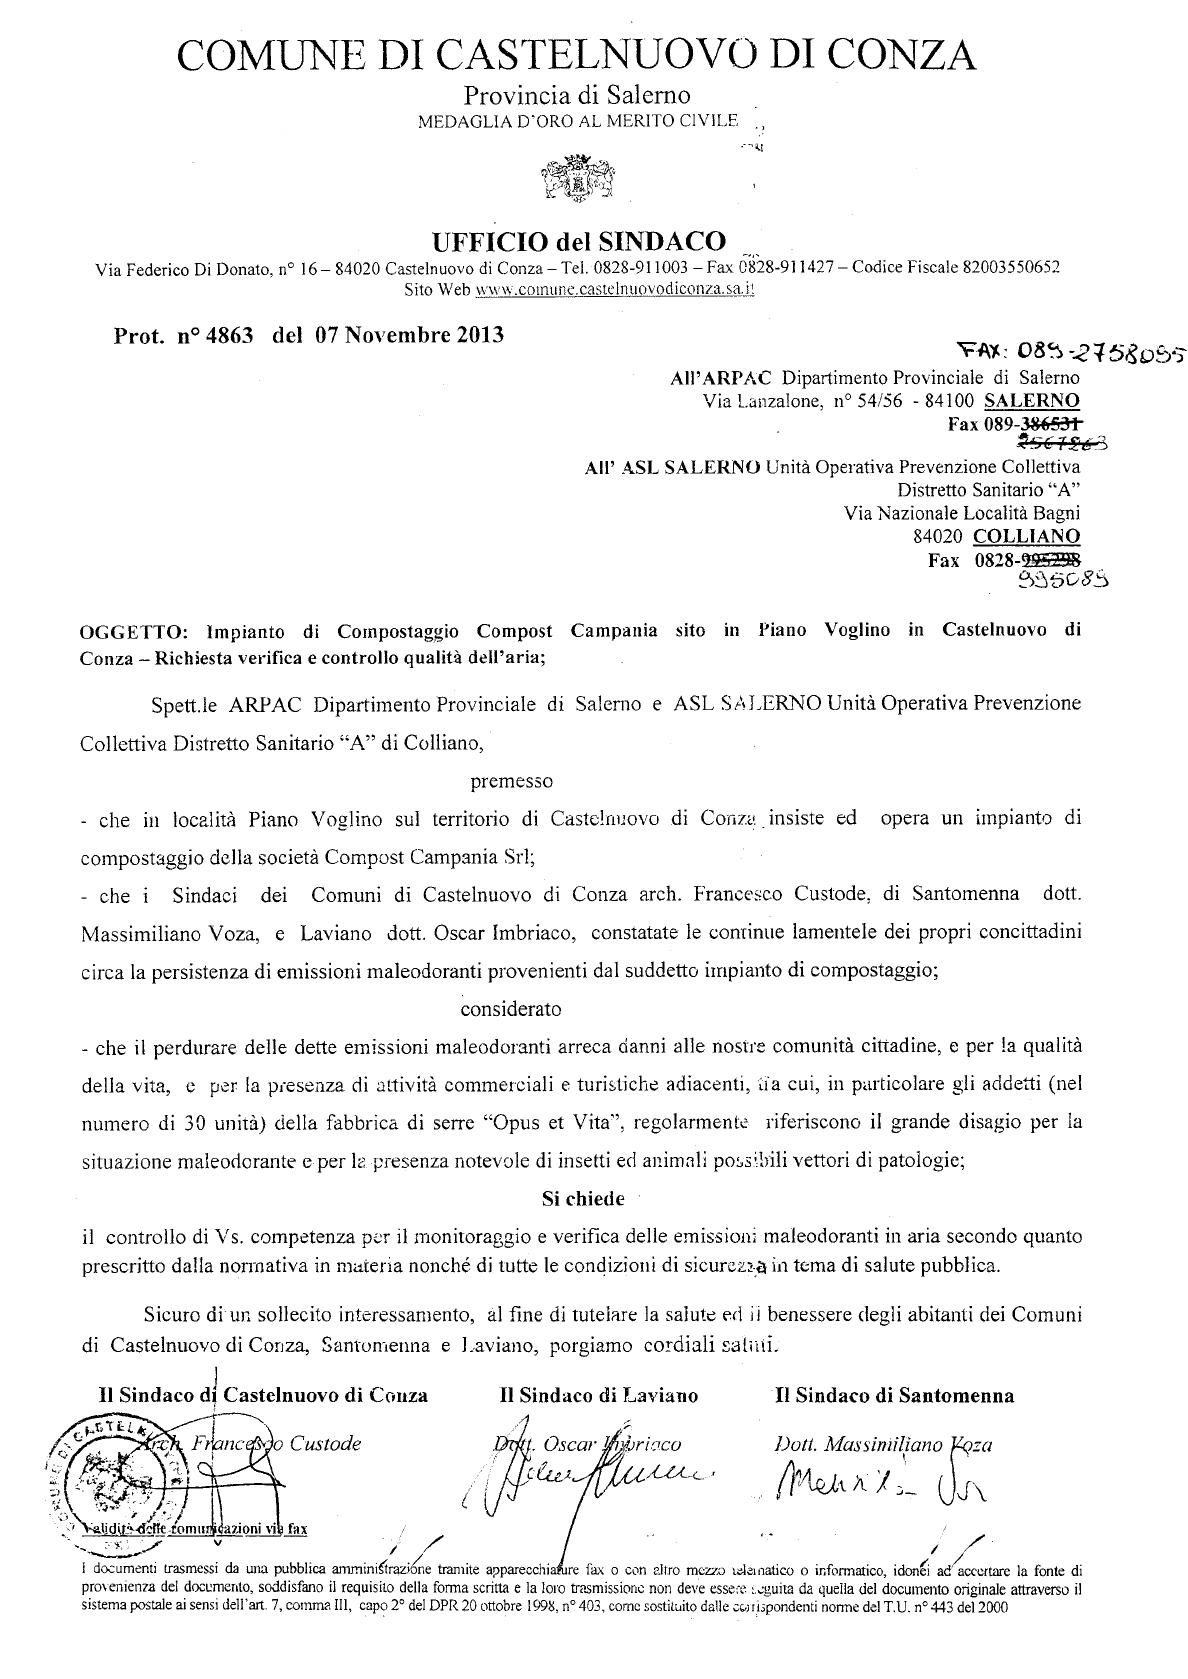 Lettera-Arpac-impianto-di-compostaggio-Castelnuovo-di-conza